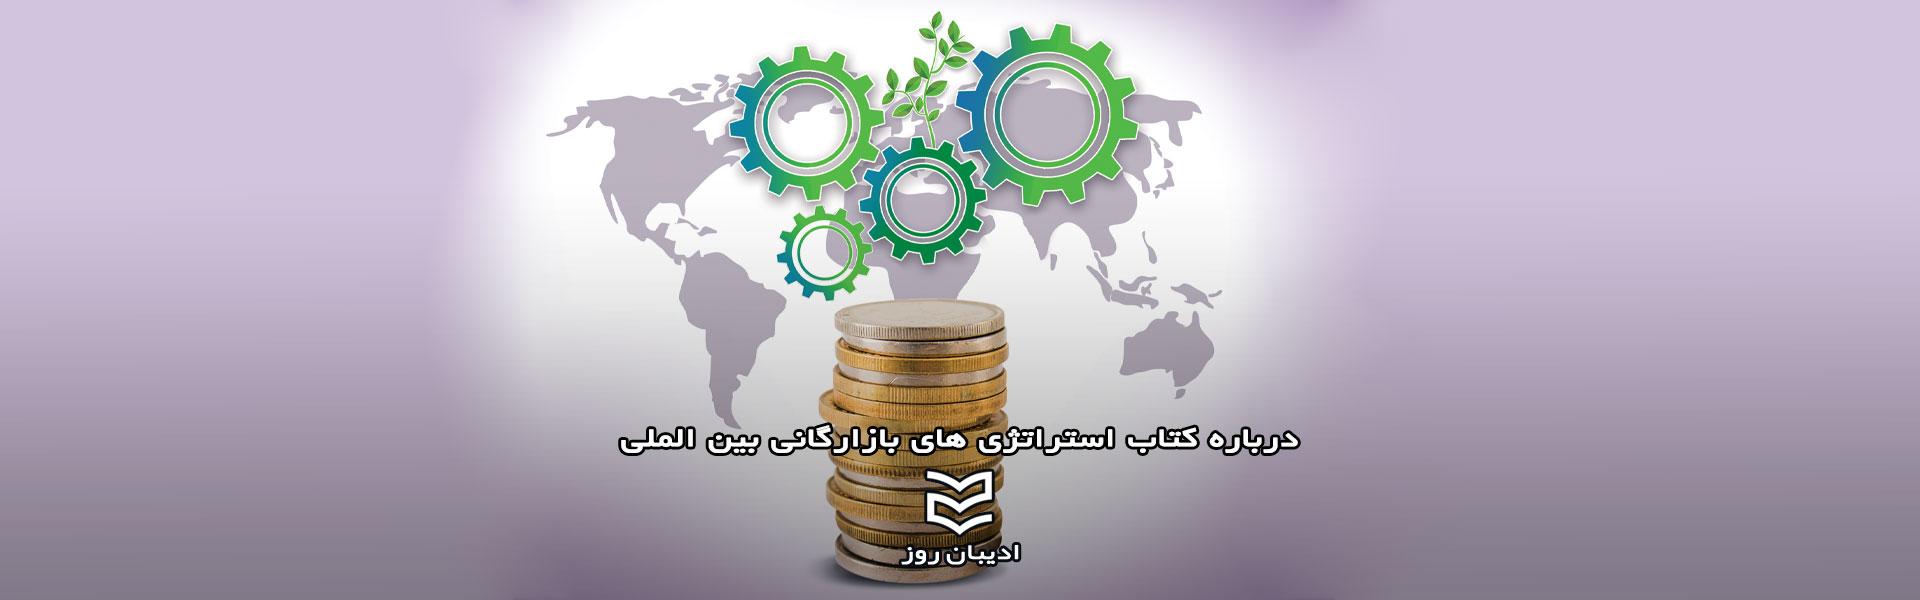 استراتژی ها کسب و کار بین المللی